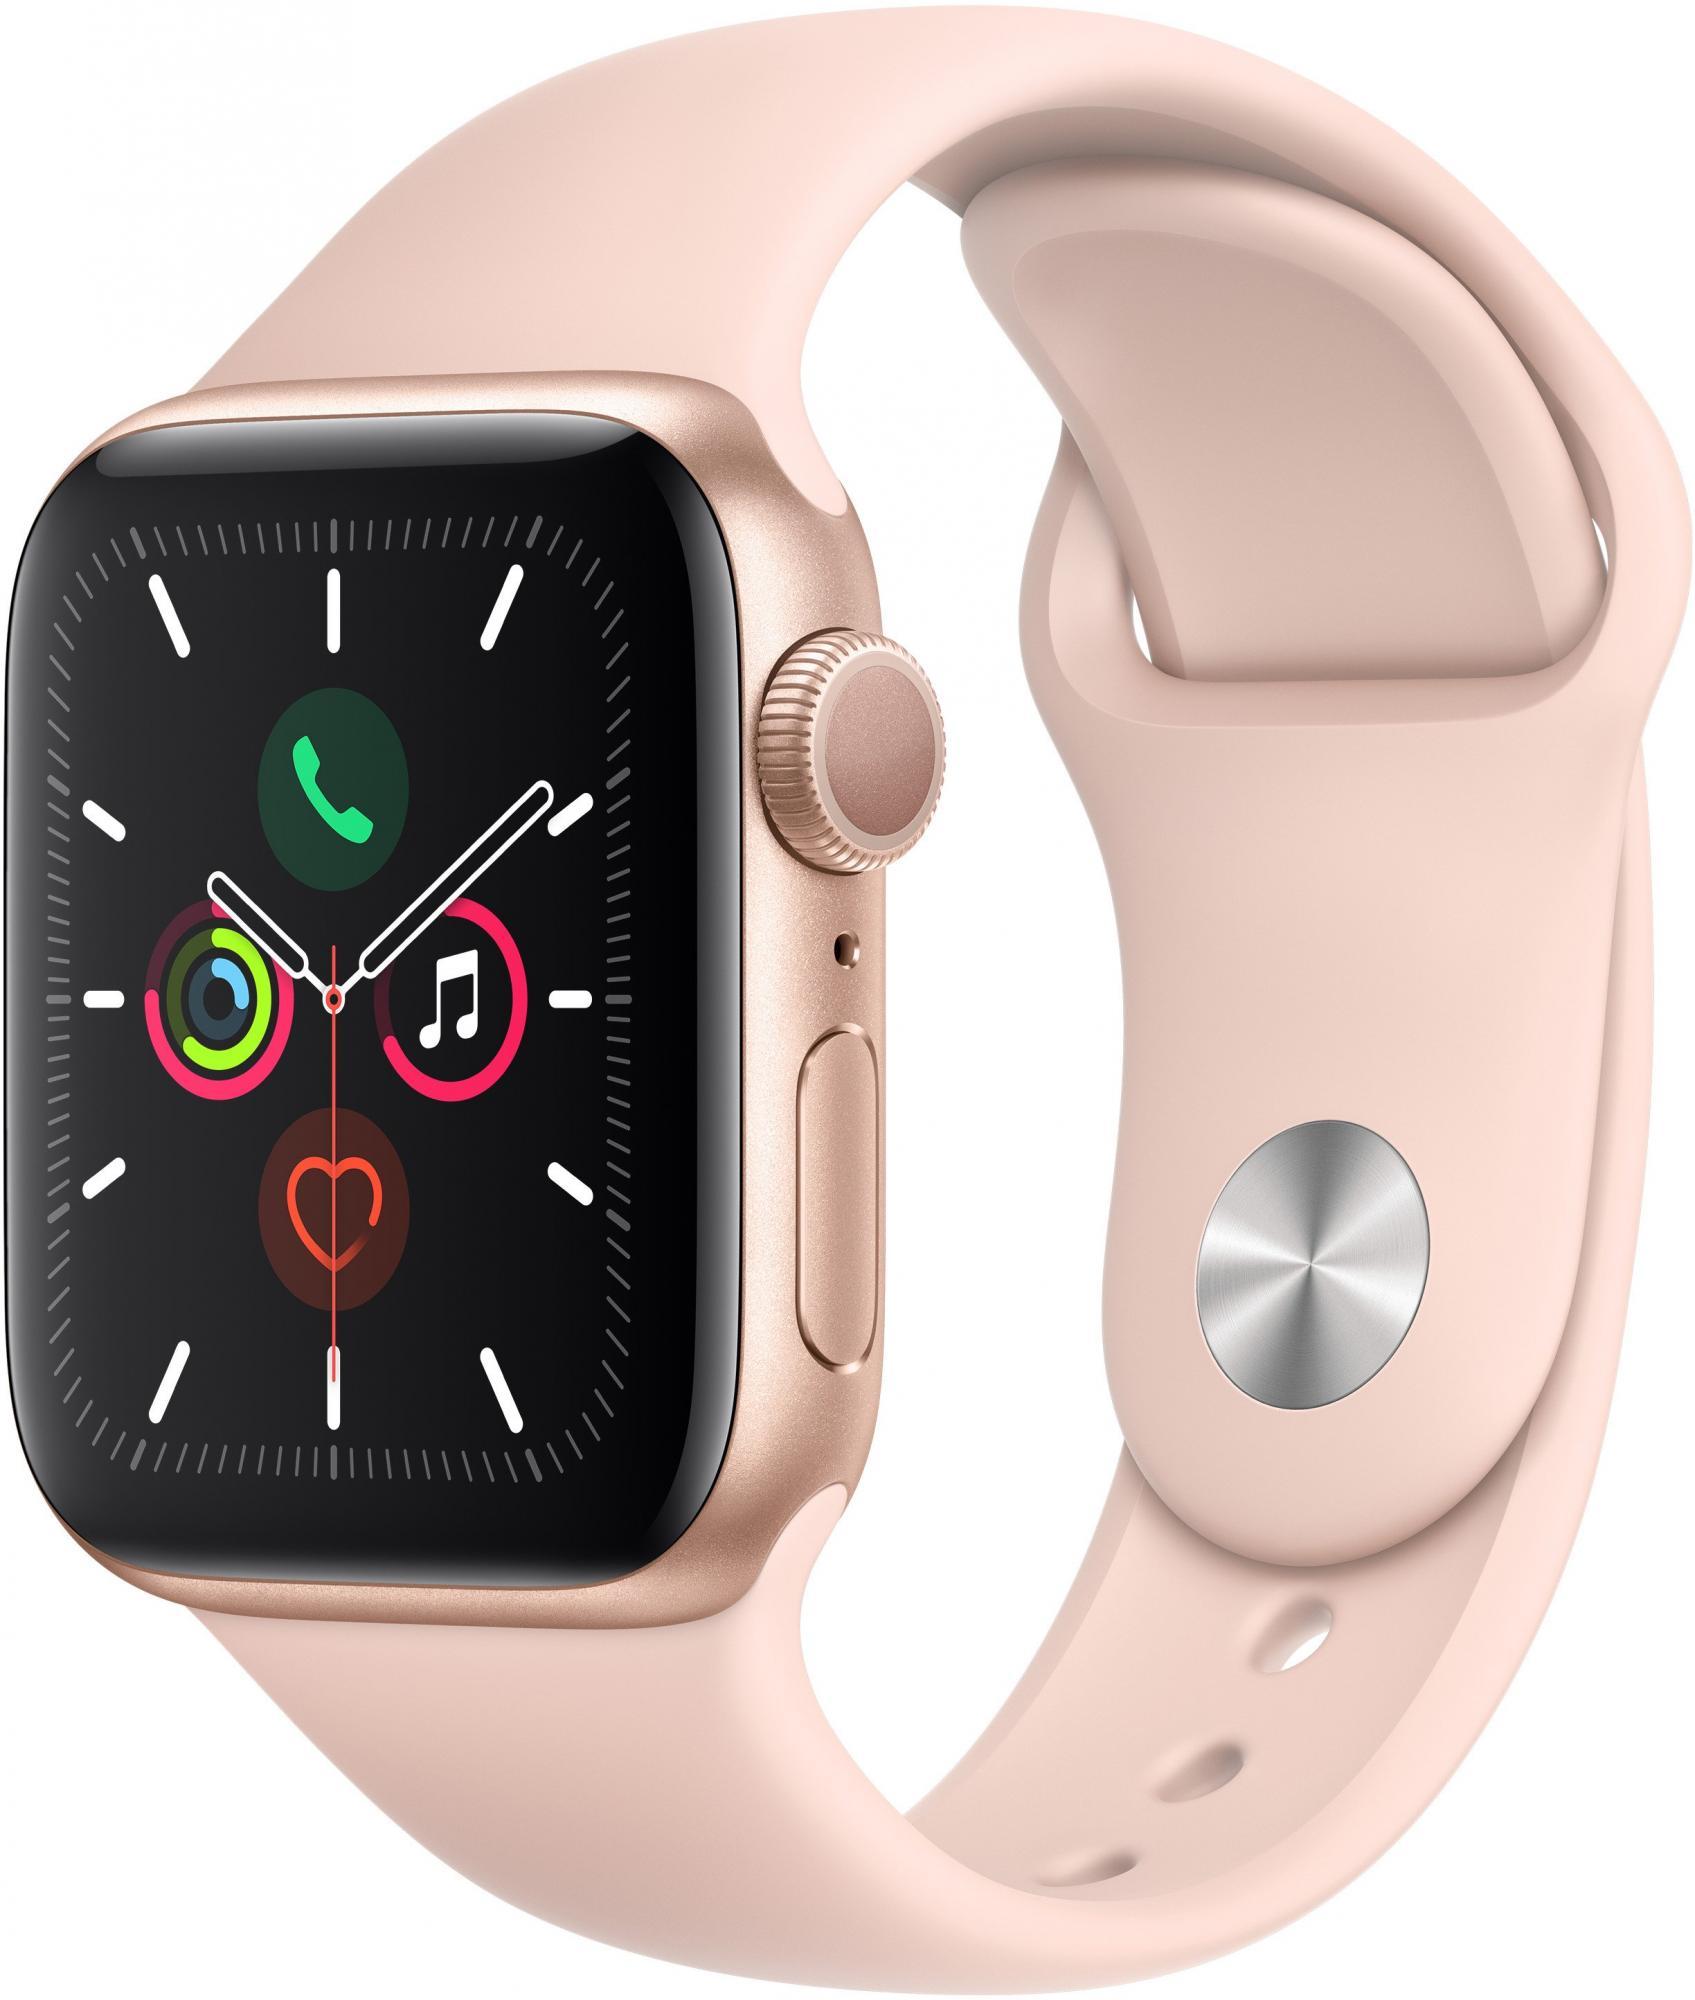 Эпл стоимость часы умные стоимость часа рарус 1с